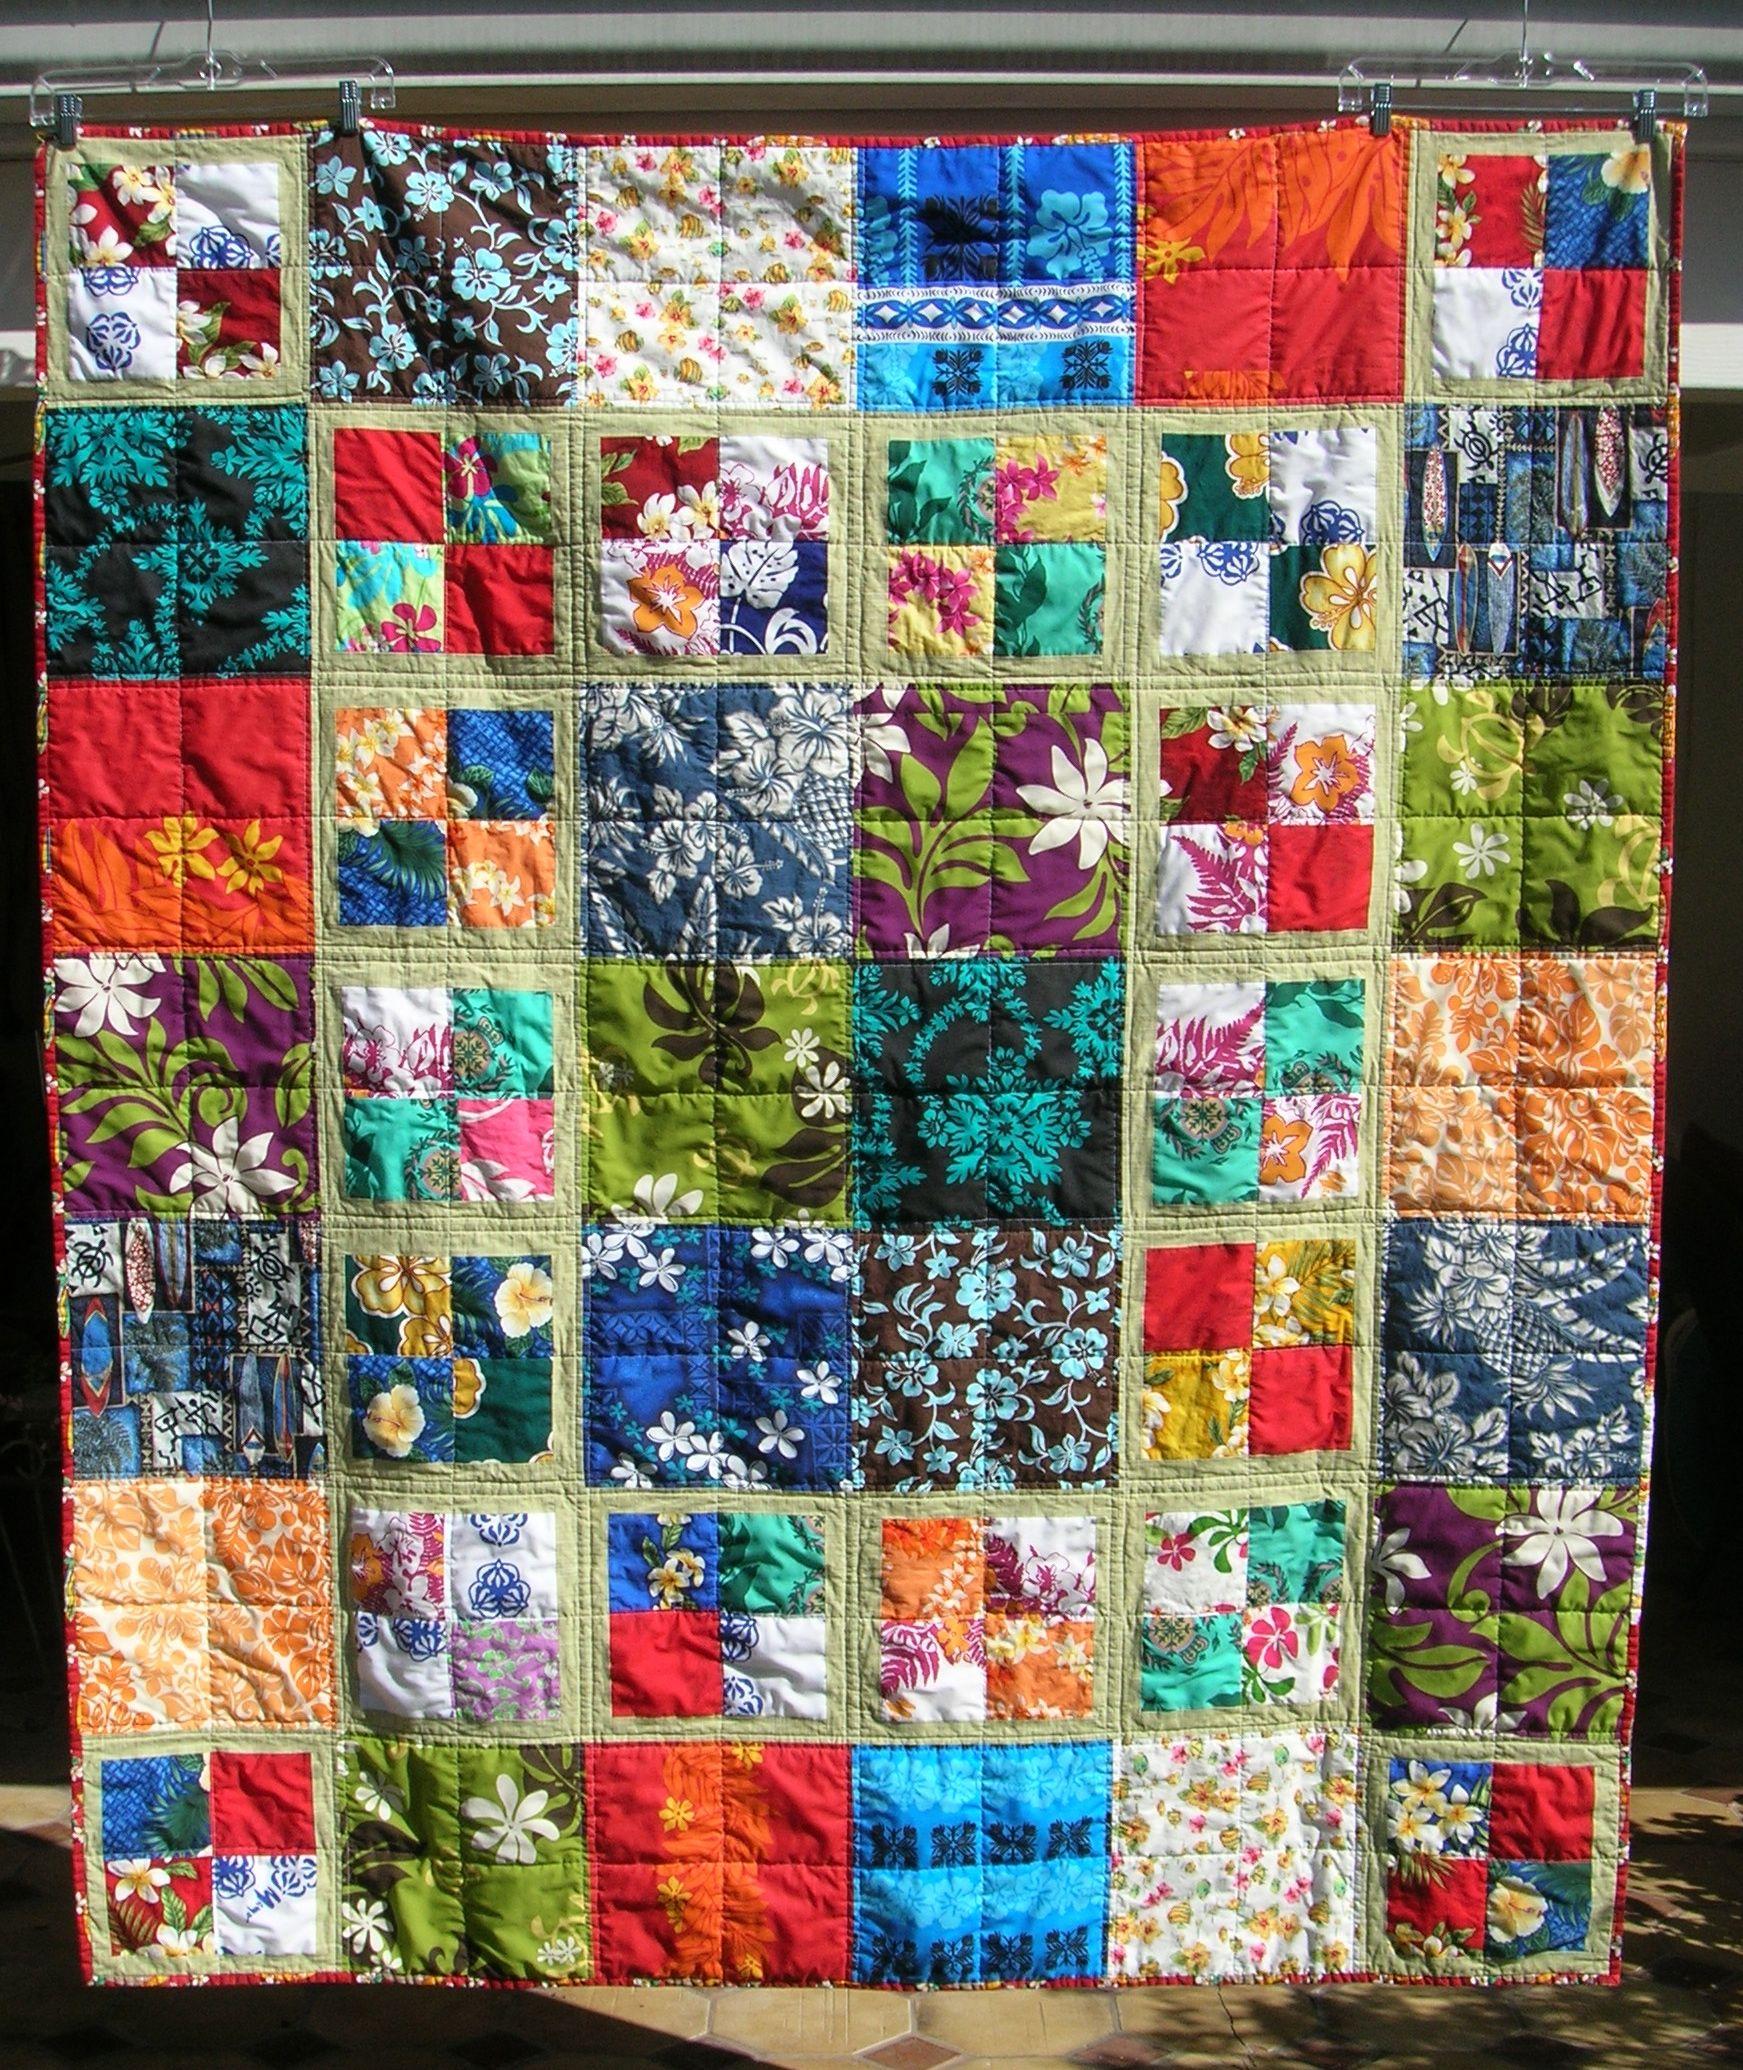 Hawaiian fabrics quilt for me!   Quilts I have made   Pinterest ... : hawaiian shirt quilt pattern - Adamdwight.com